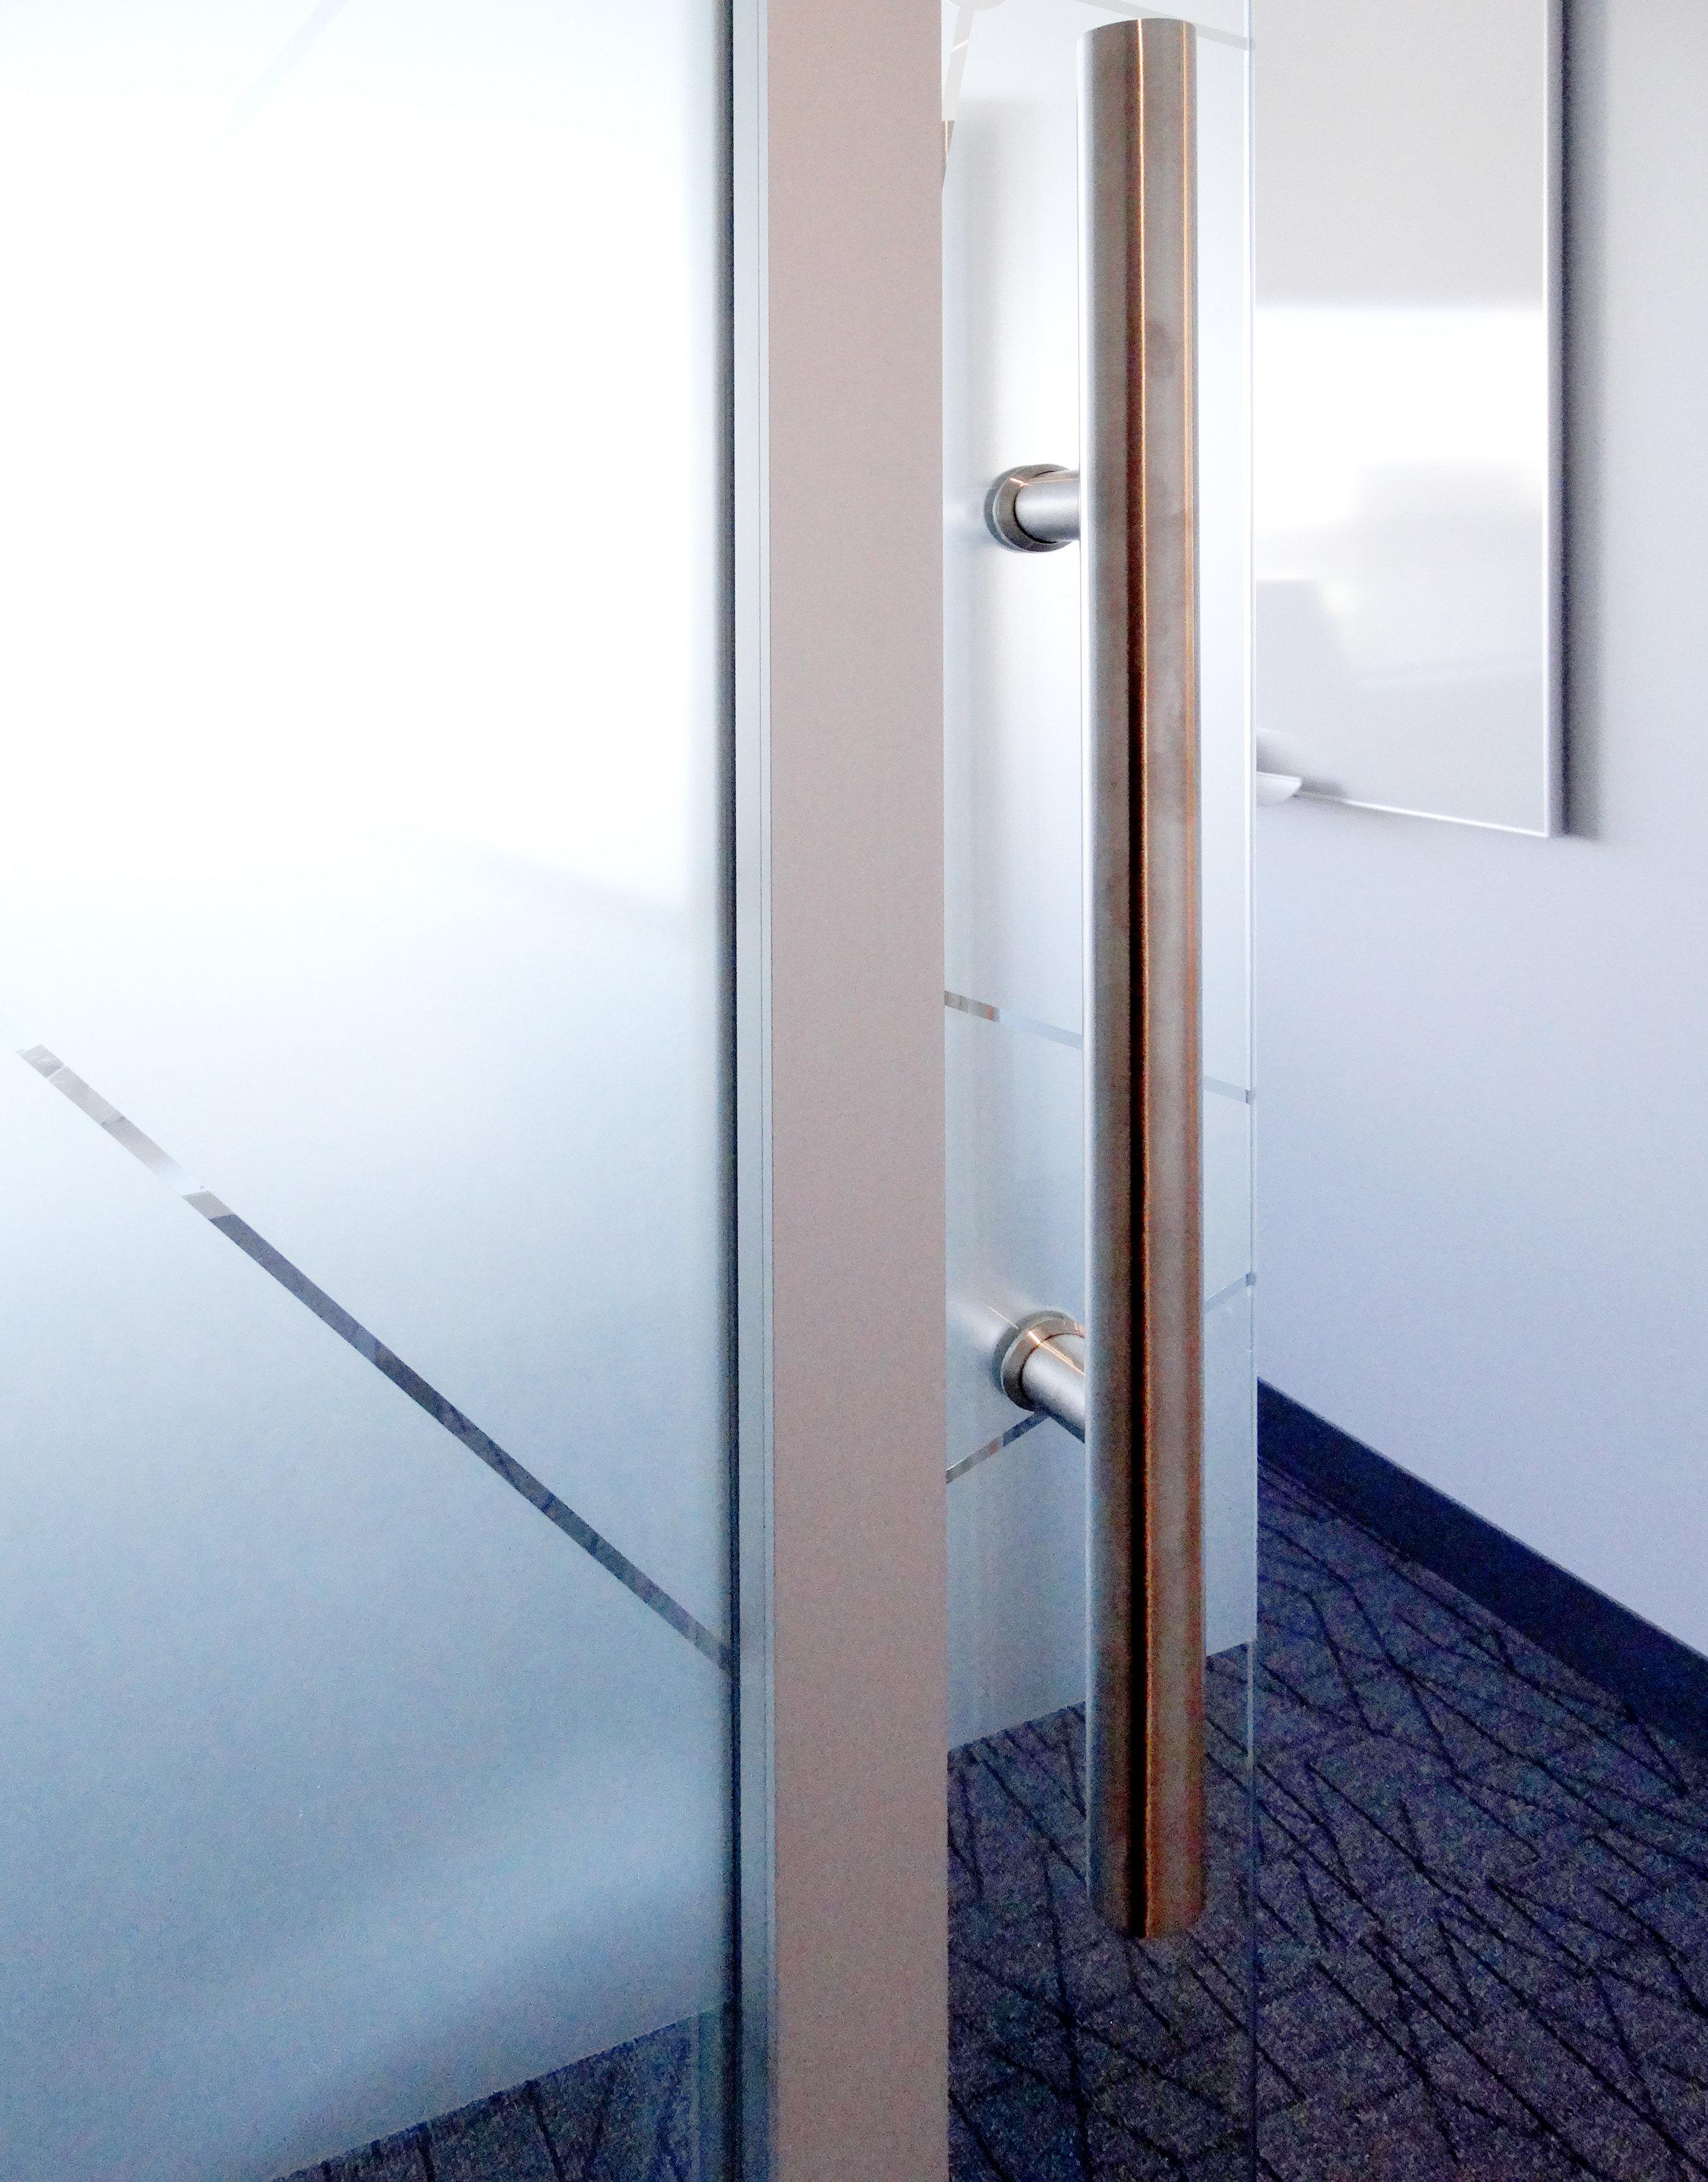 Litespace Frameless Glass Sliding Door Ladder Pull - Spaceworks AI.jpg